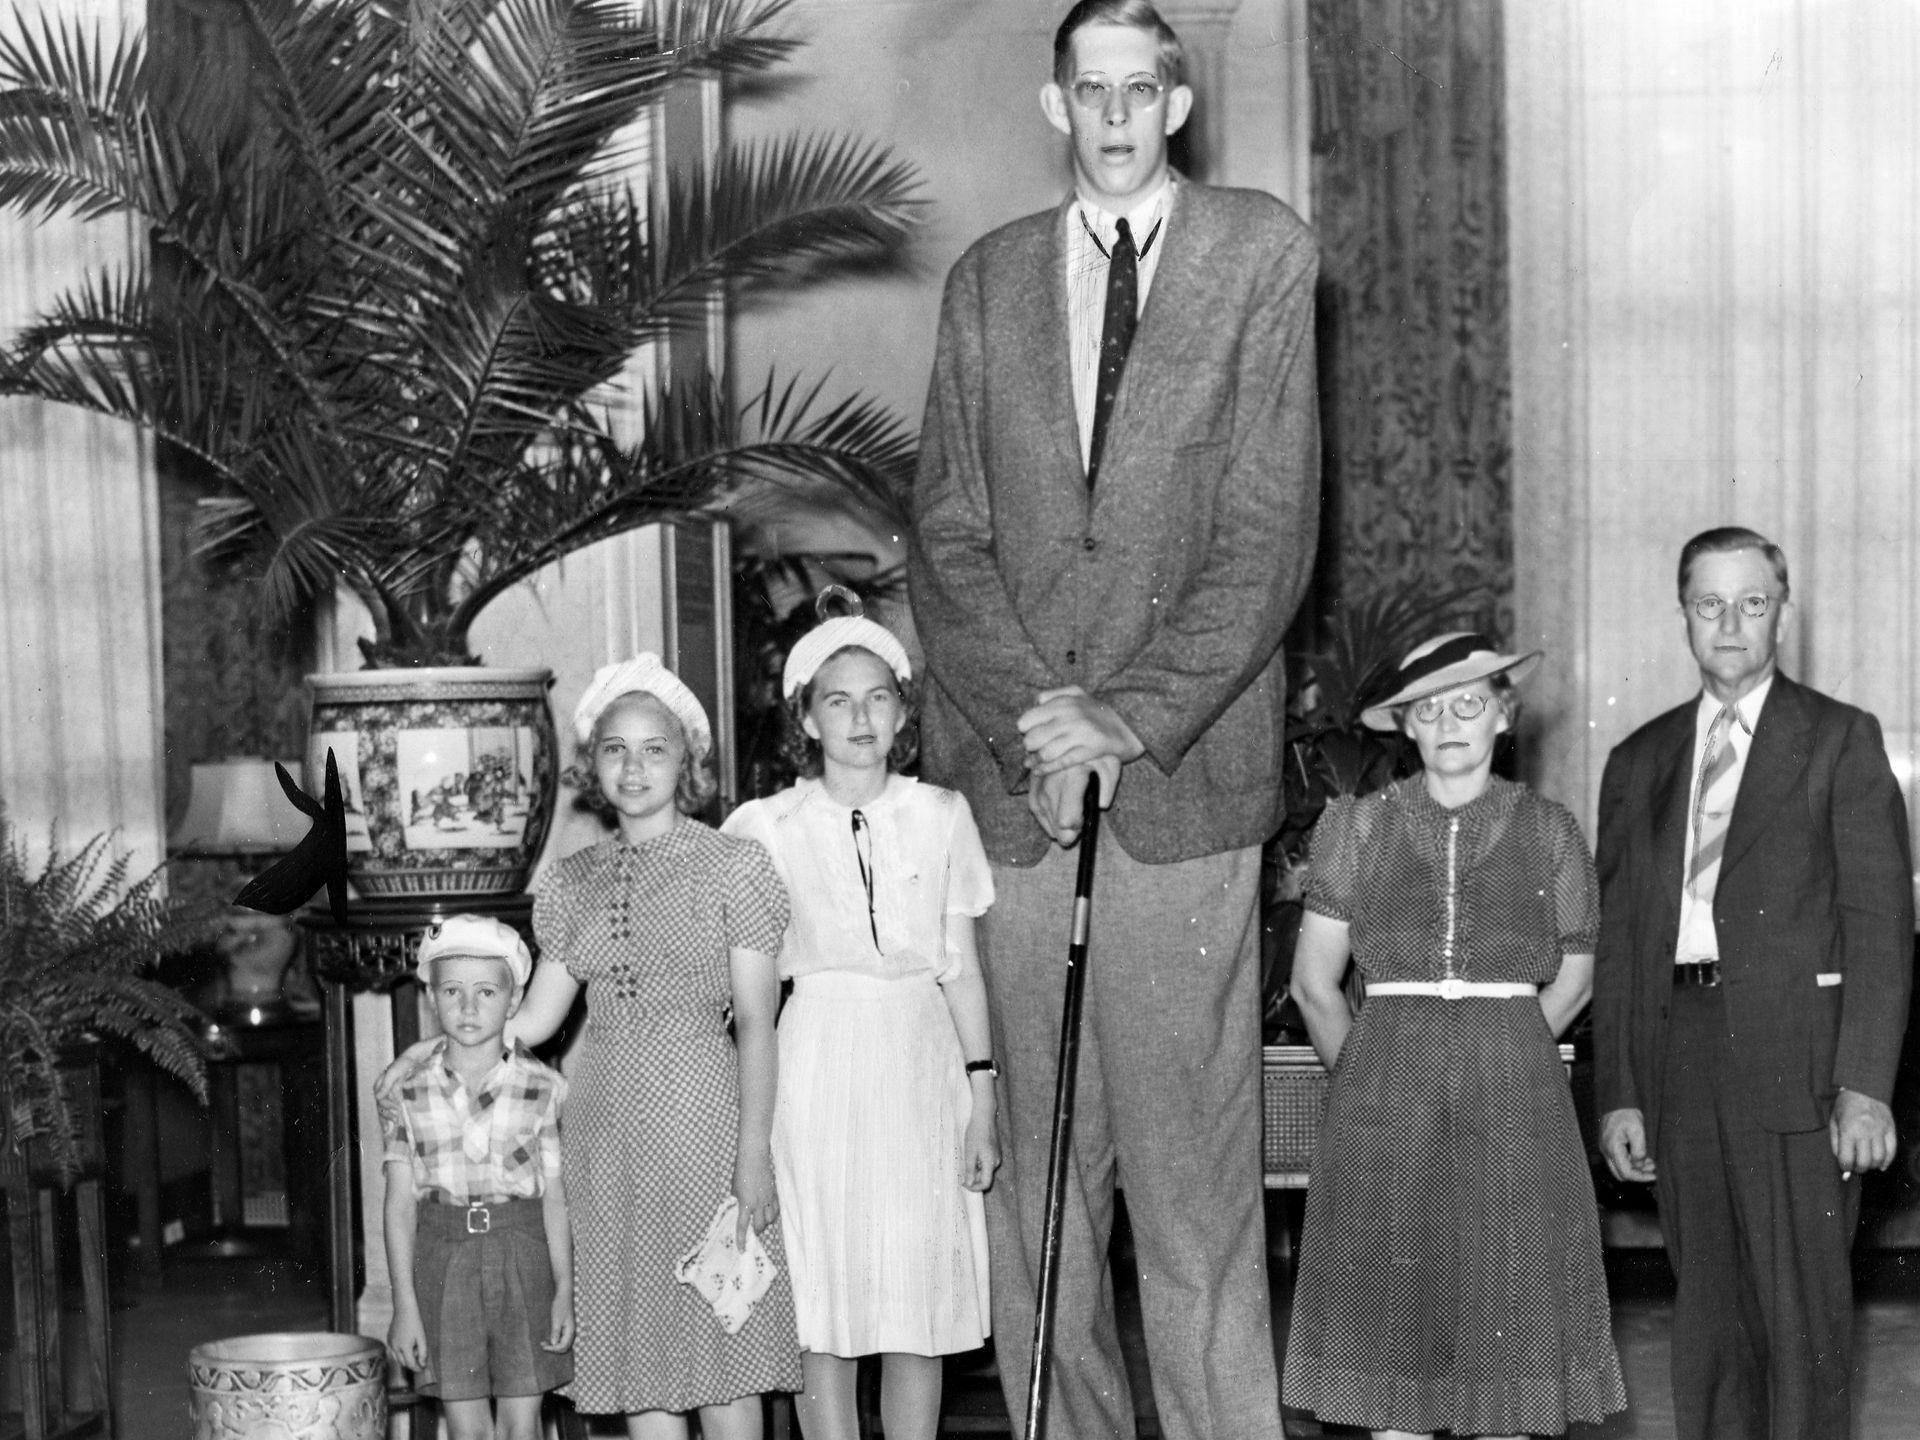 Robert Wadlow Of Alton Illinois The World S Tallest Man